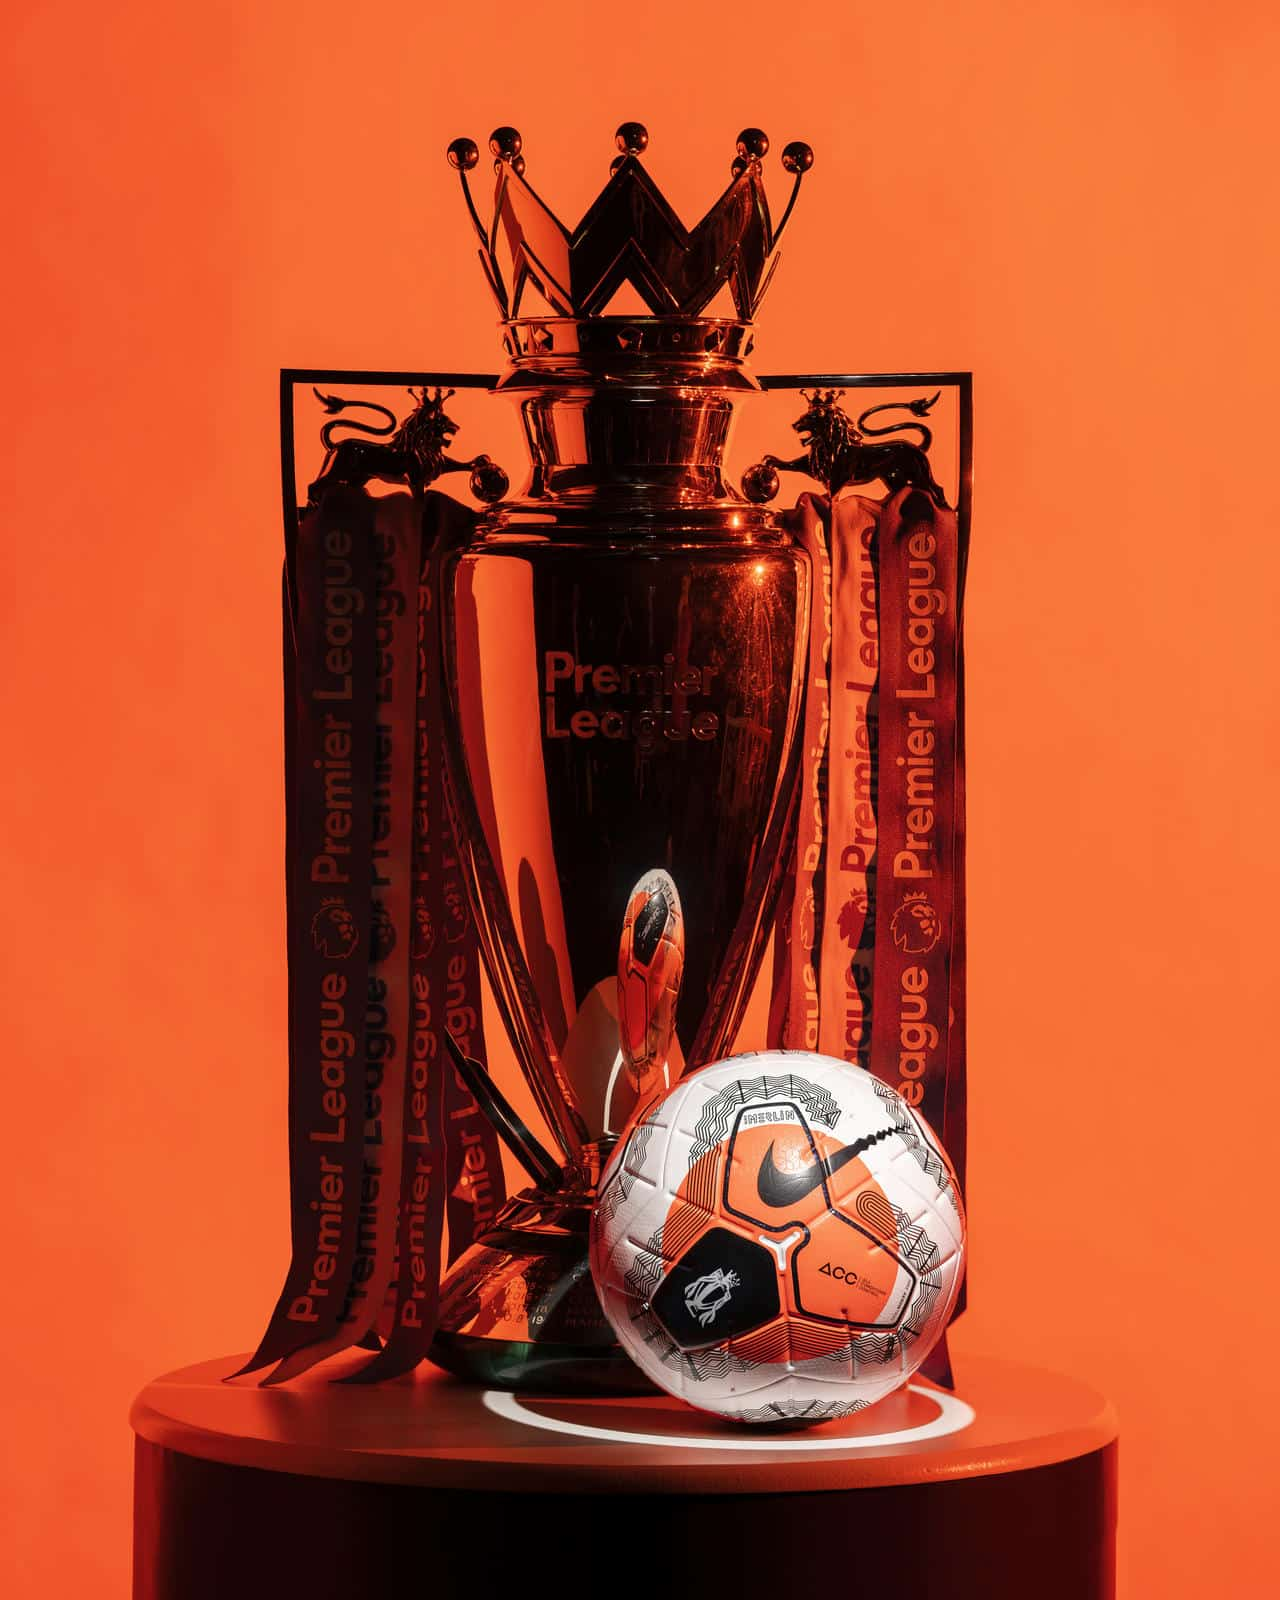 ballon-premier-league-fevrier-2020-nike-5